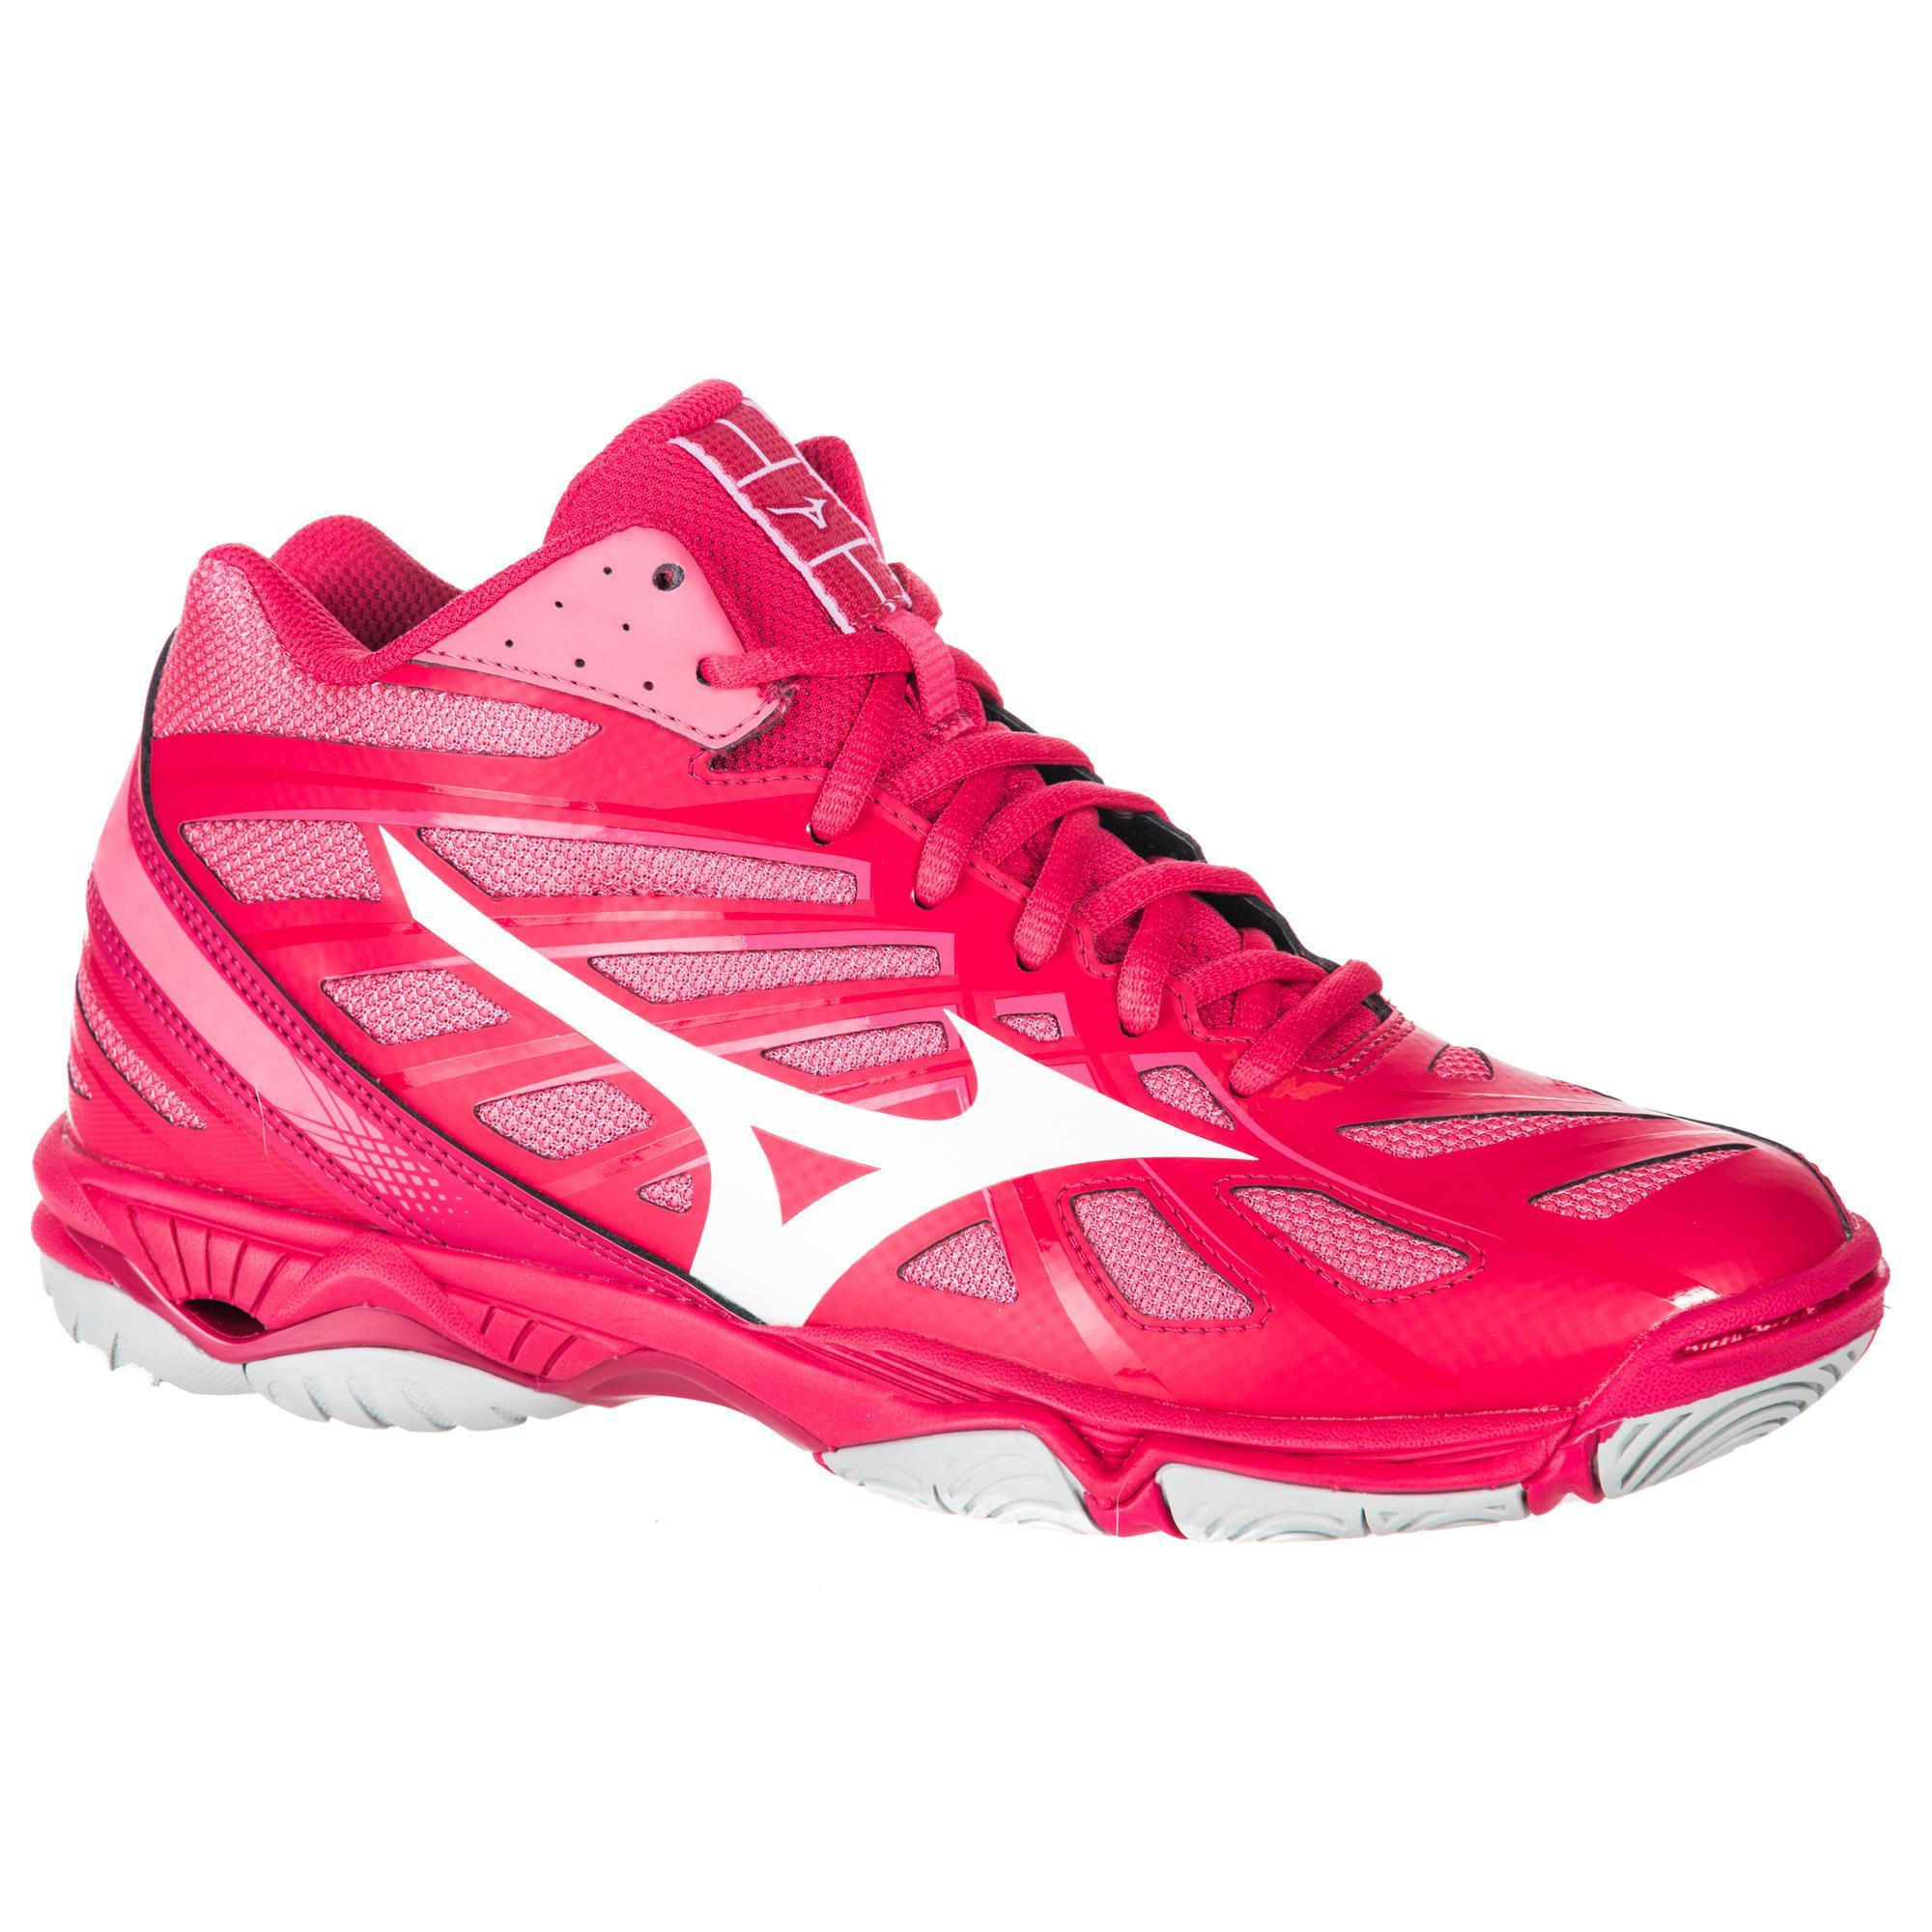 huge discount 51053 1e454 ... czech chaussures de volley ball femme wave hurricane mid roses mizuno  d64aa 08a4b